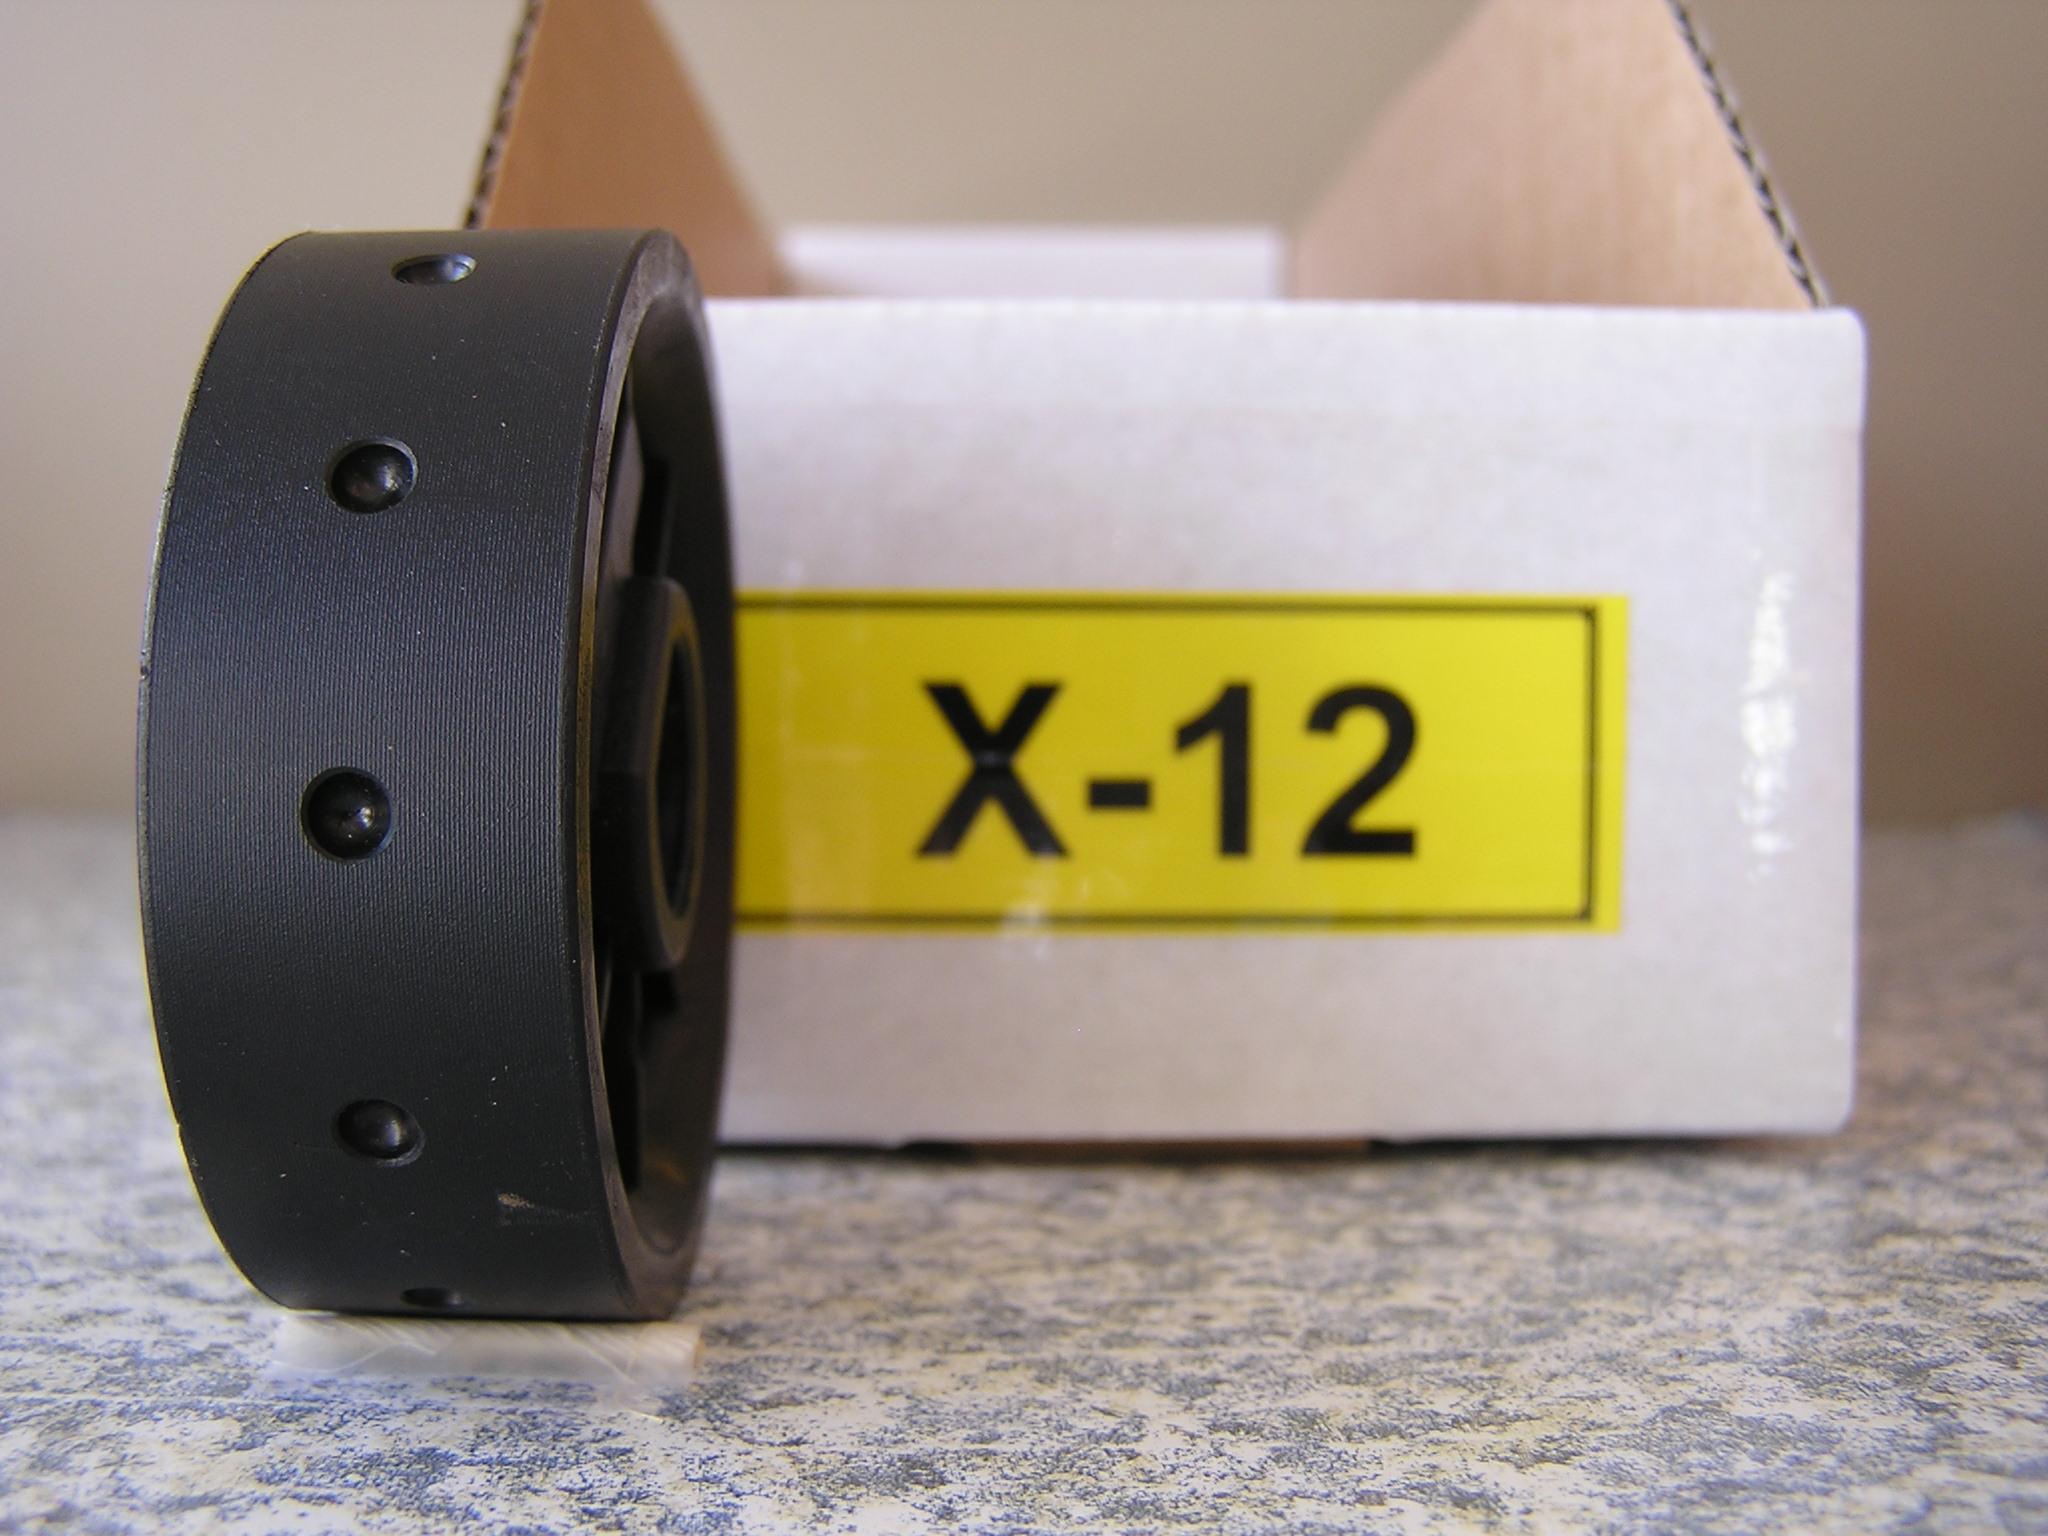 X-12 Roller for Jang Seeder, 4 mm Slot, 12 Slots on the Roller